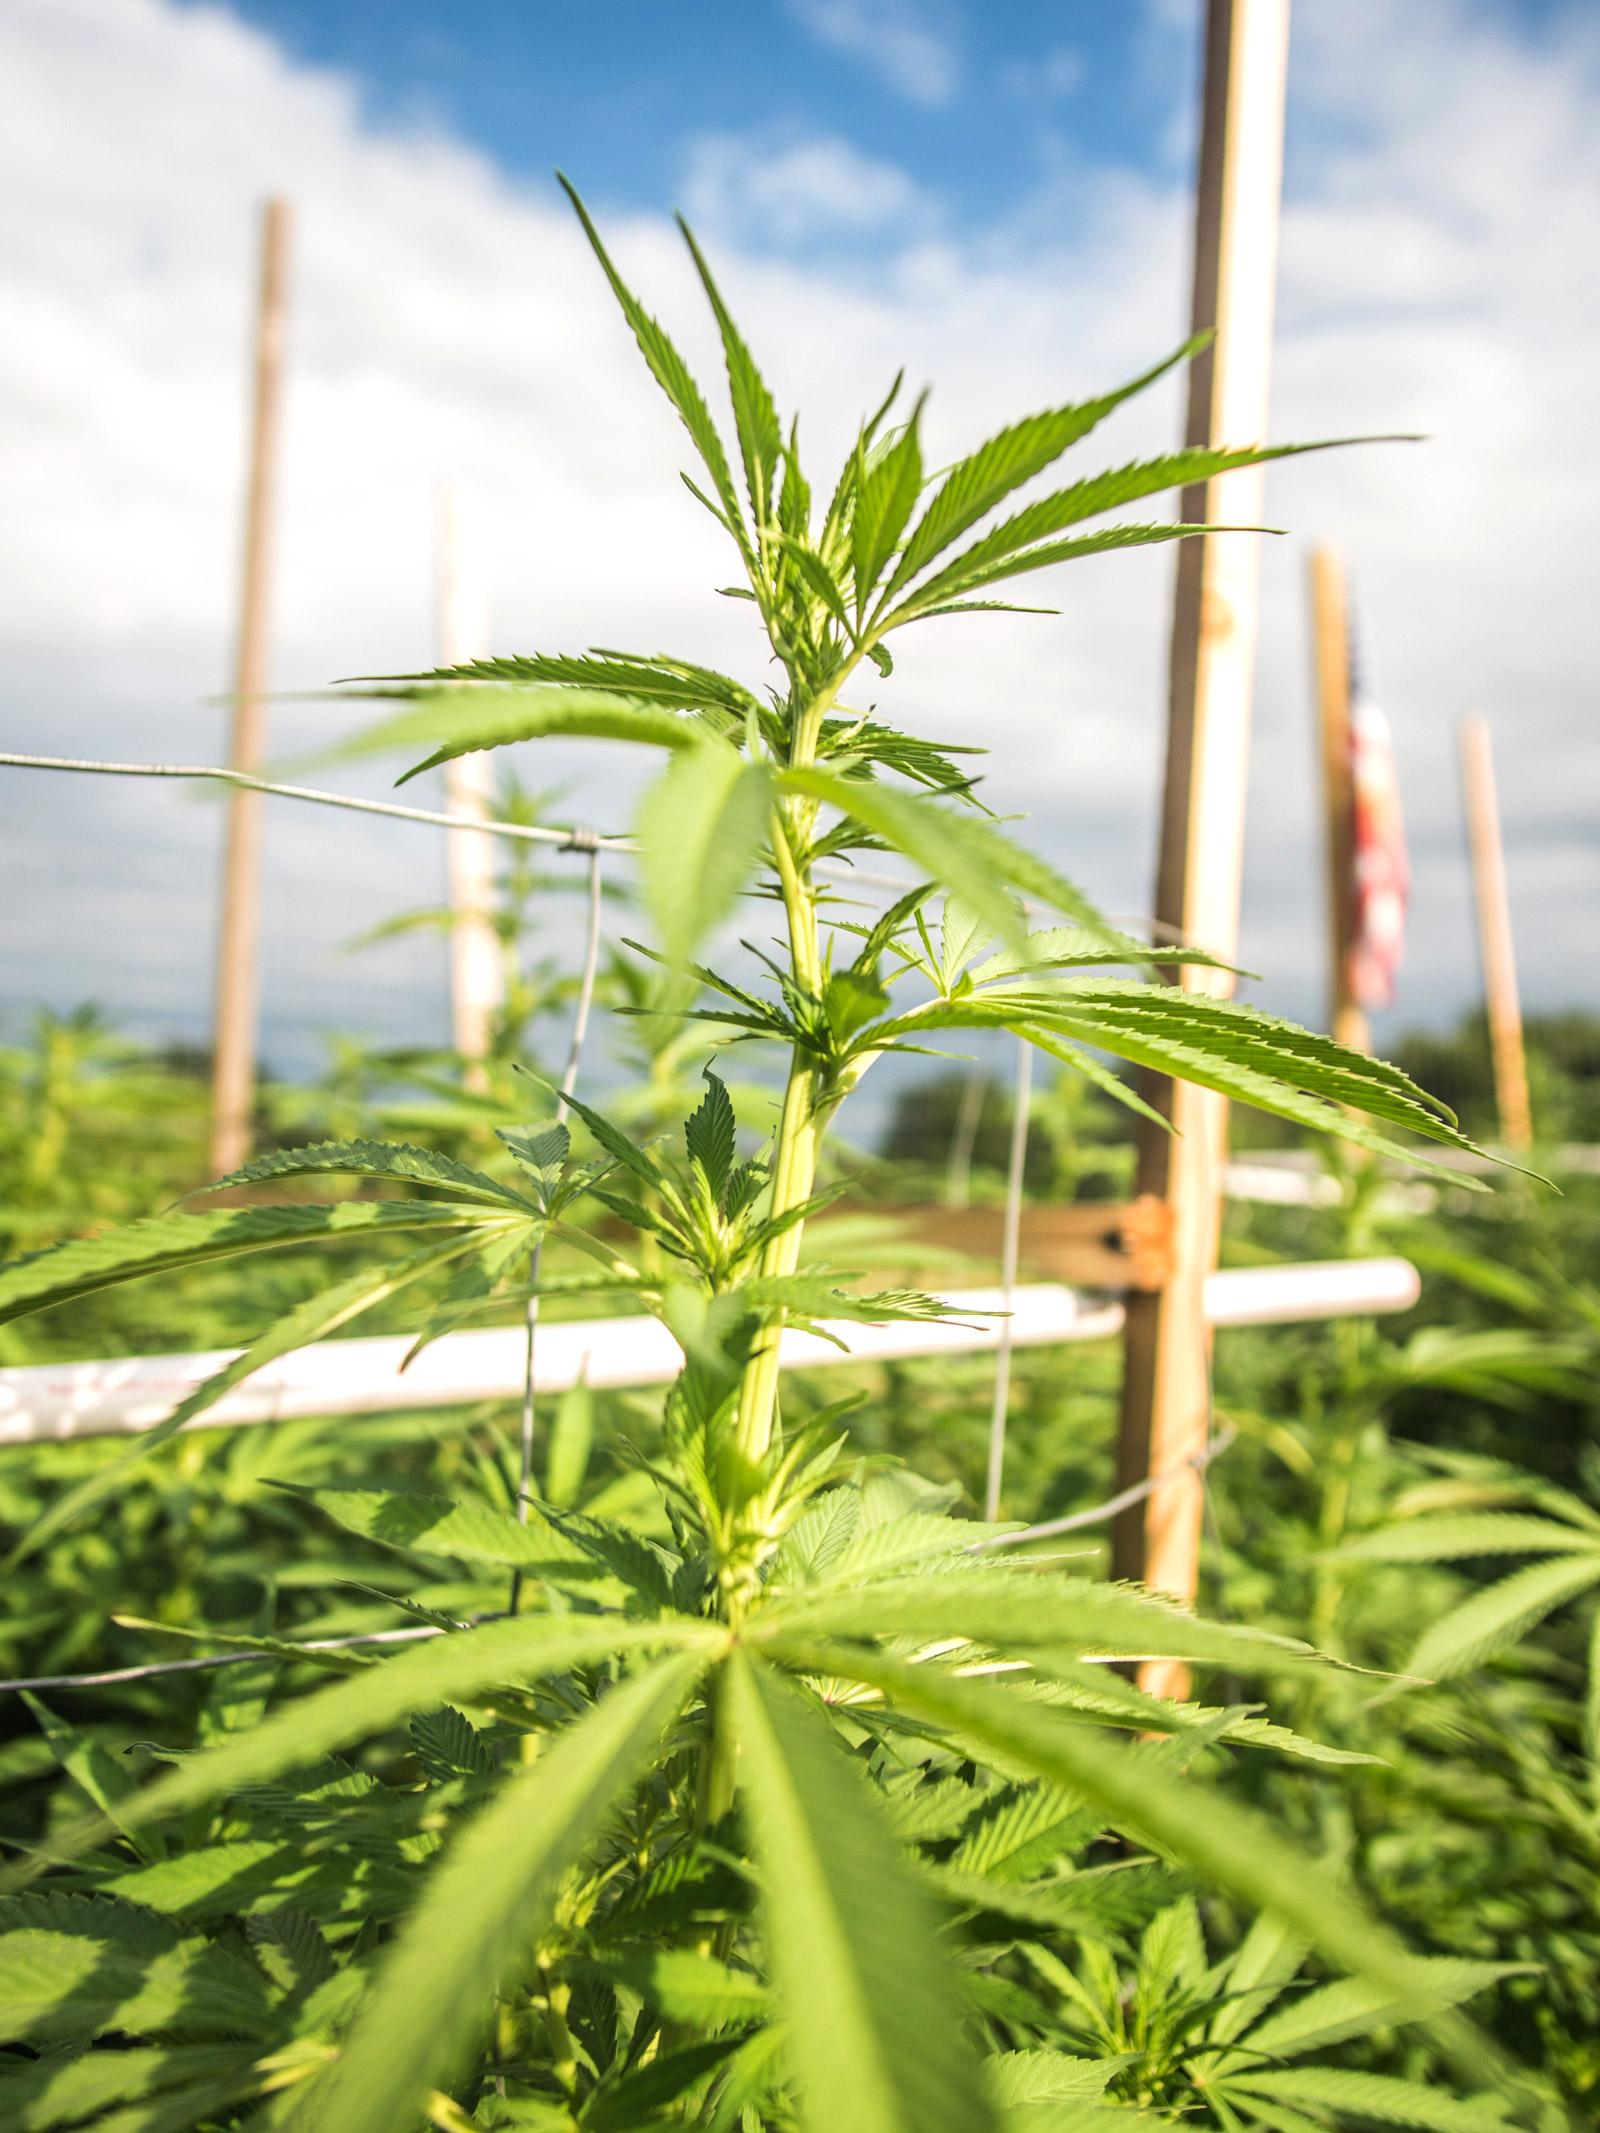 Eine Hanfplantage im Freien